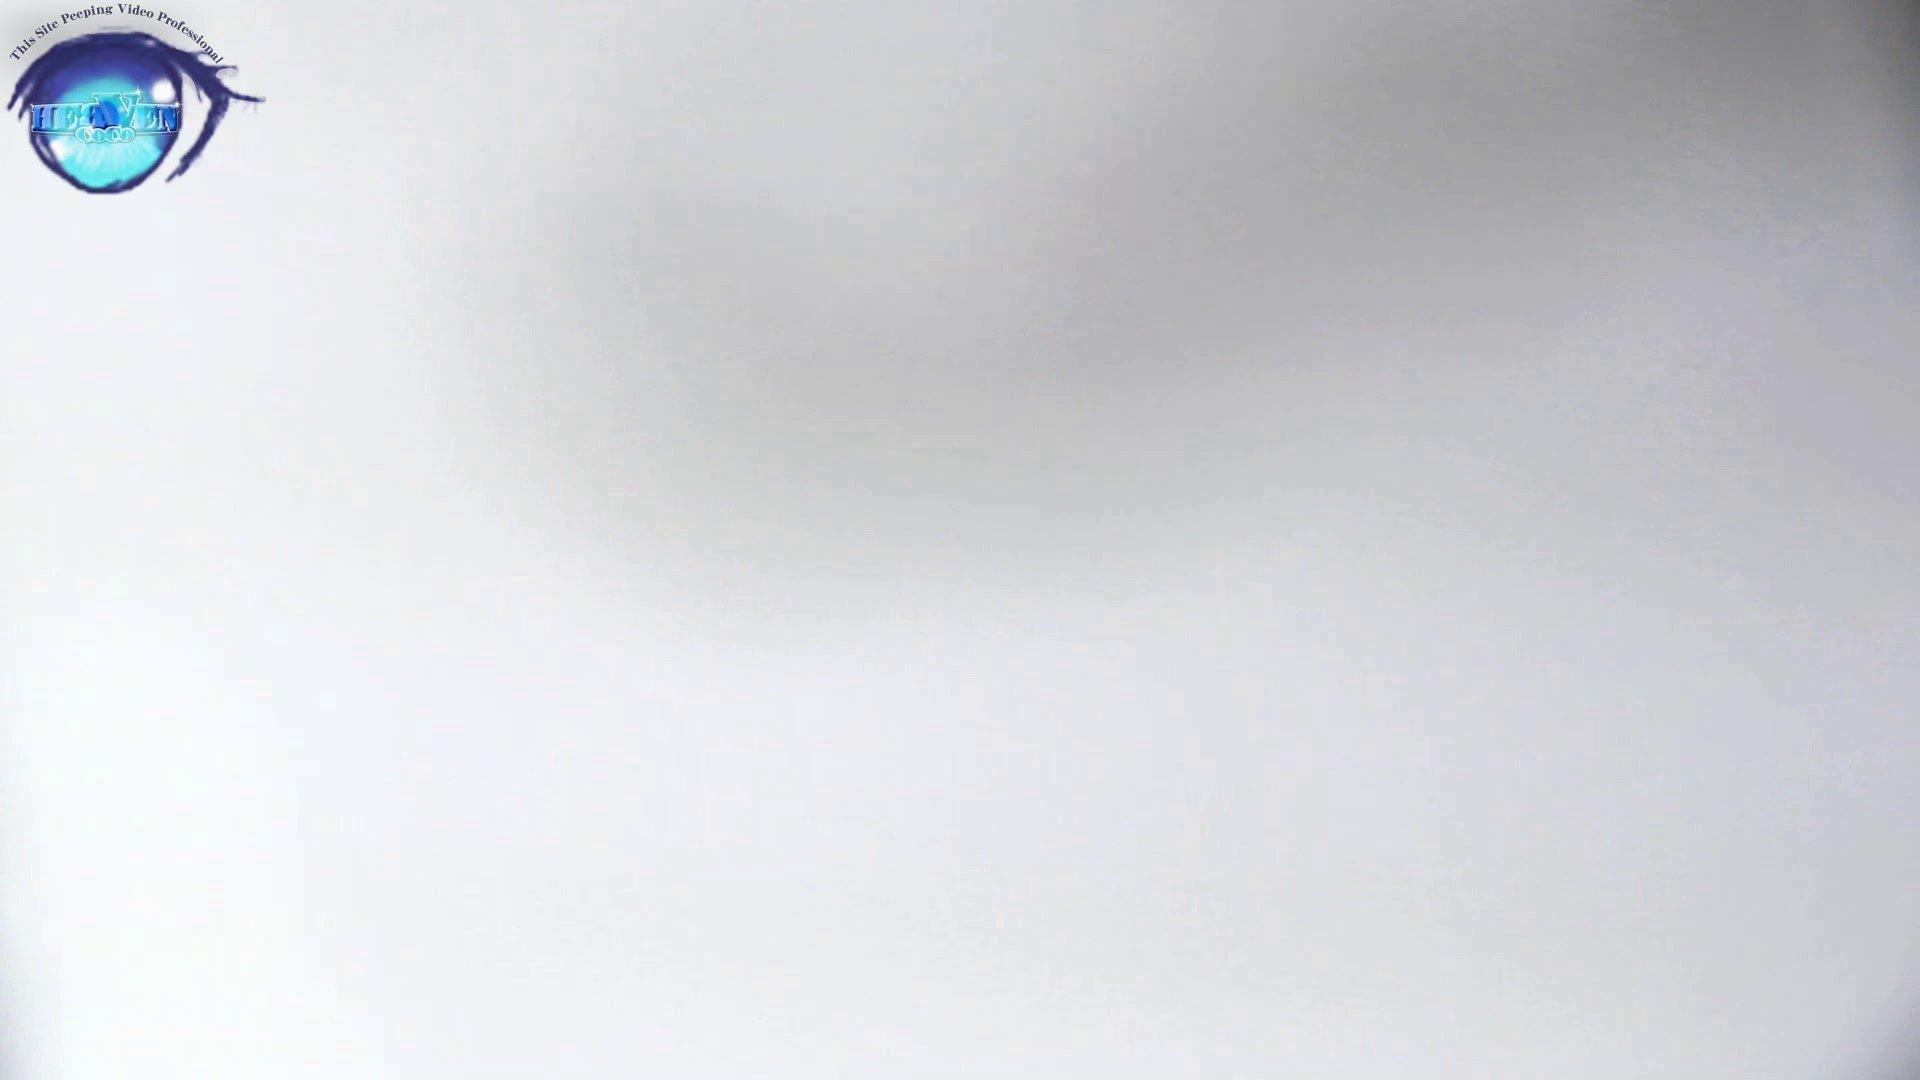 お銀さん vol.59 ピンチ!!「鏡の前で祈る女性」にばれる危機 前編 美人  108連発 74